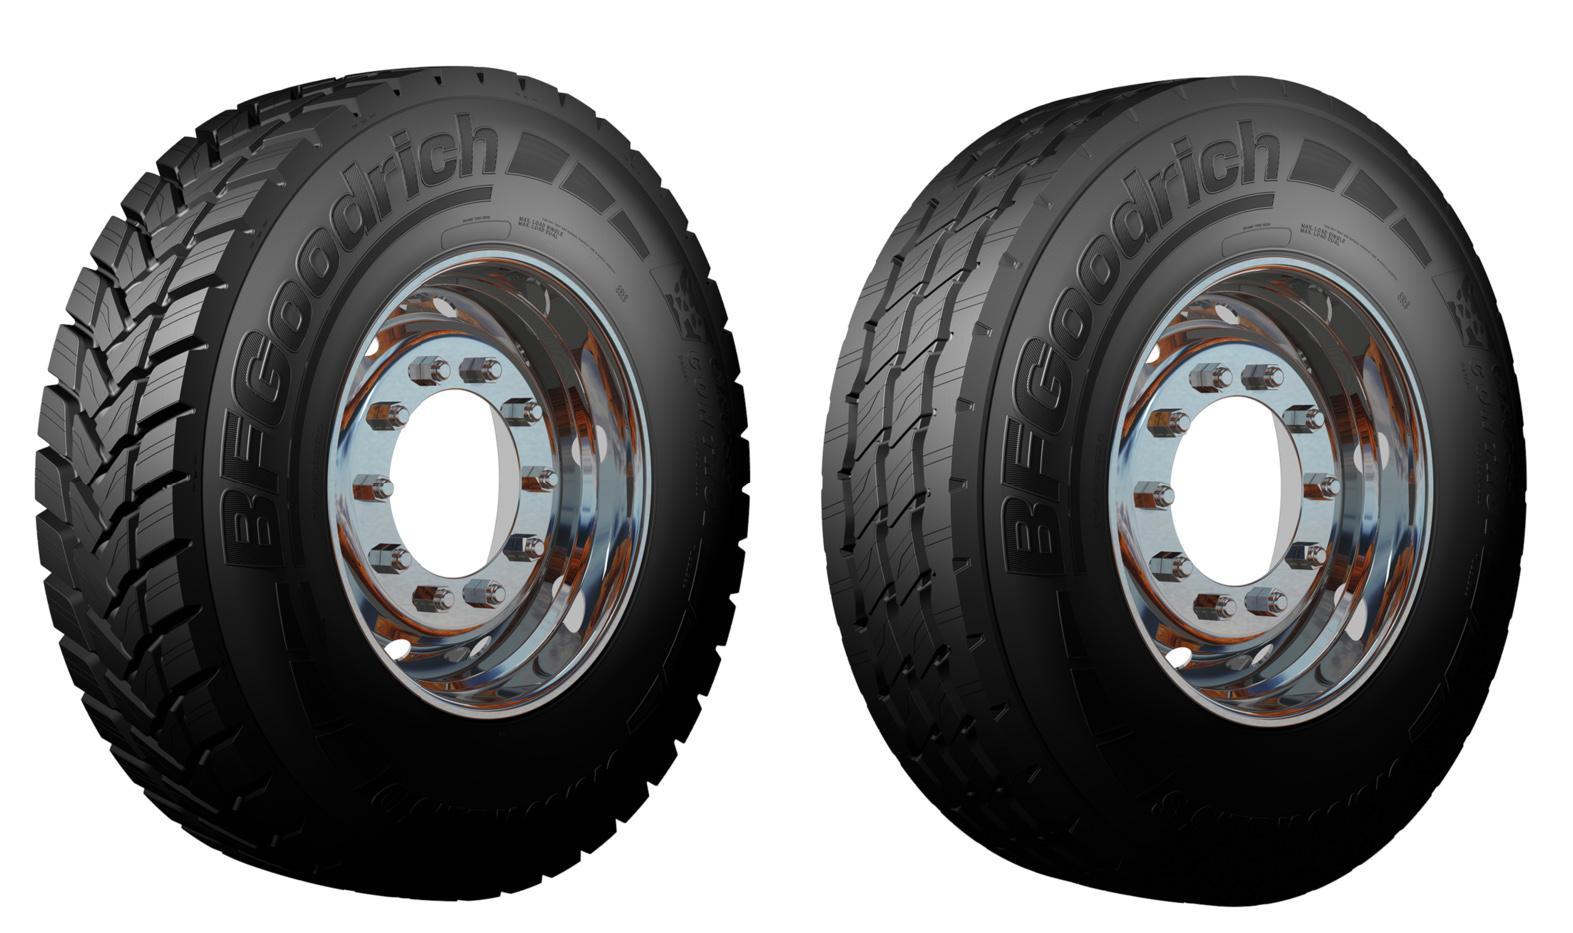 BFGoodrich представил новые всесезонки Cross Control 2 для тяжелых грузовиков